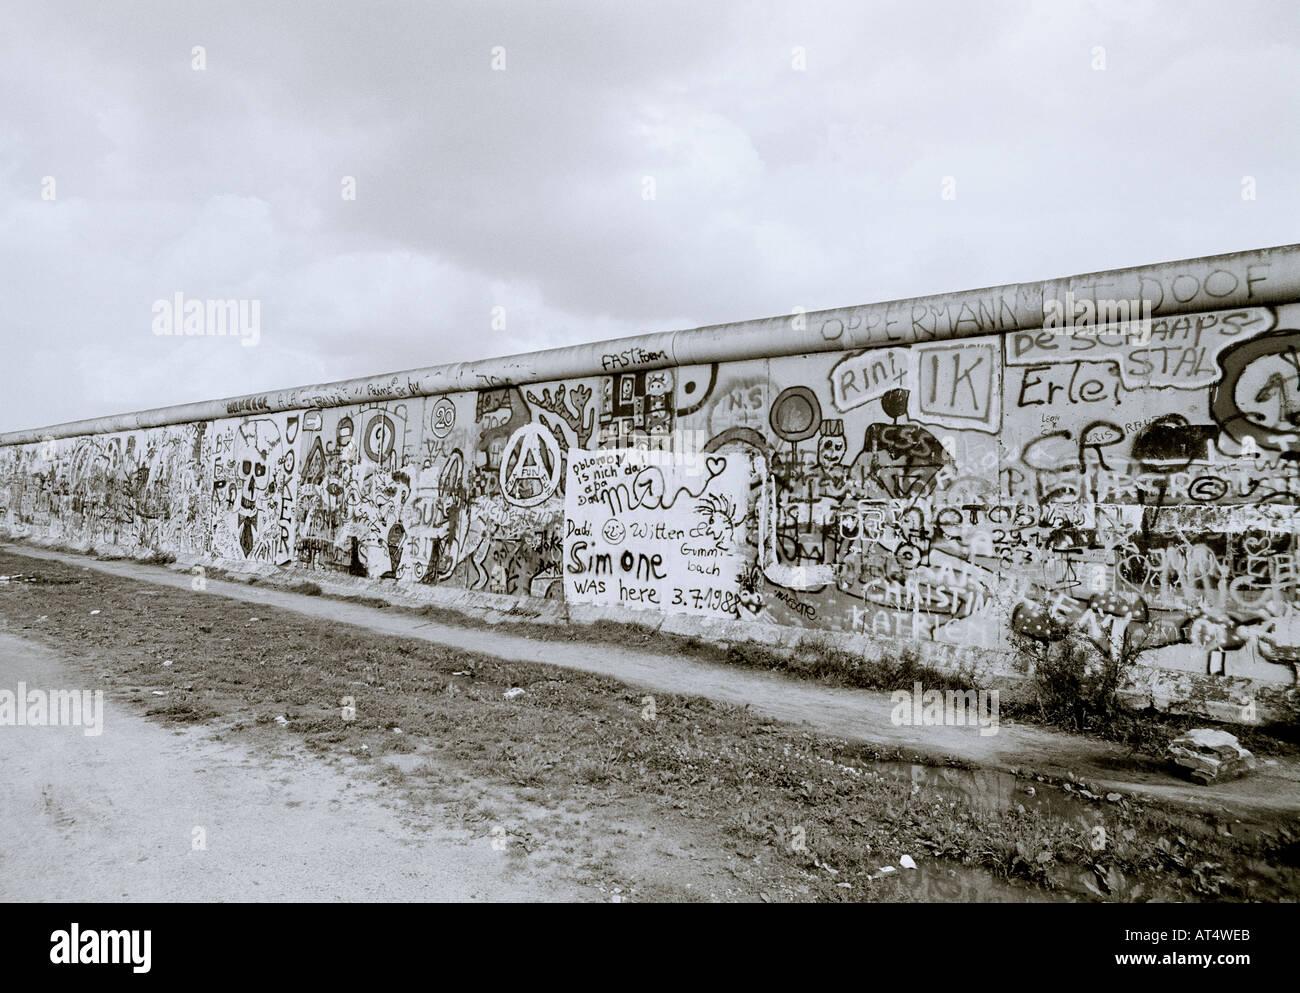 La historia de Europa. El histórico Muro de Berlín y el graffiti en el oeste de Berlín, en Alemania, en Europa durante la Guerra Fría. Imagen De Stock